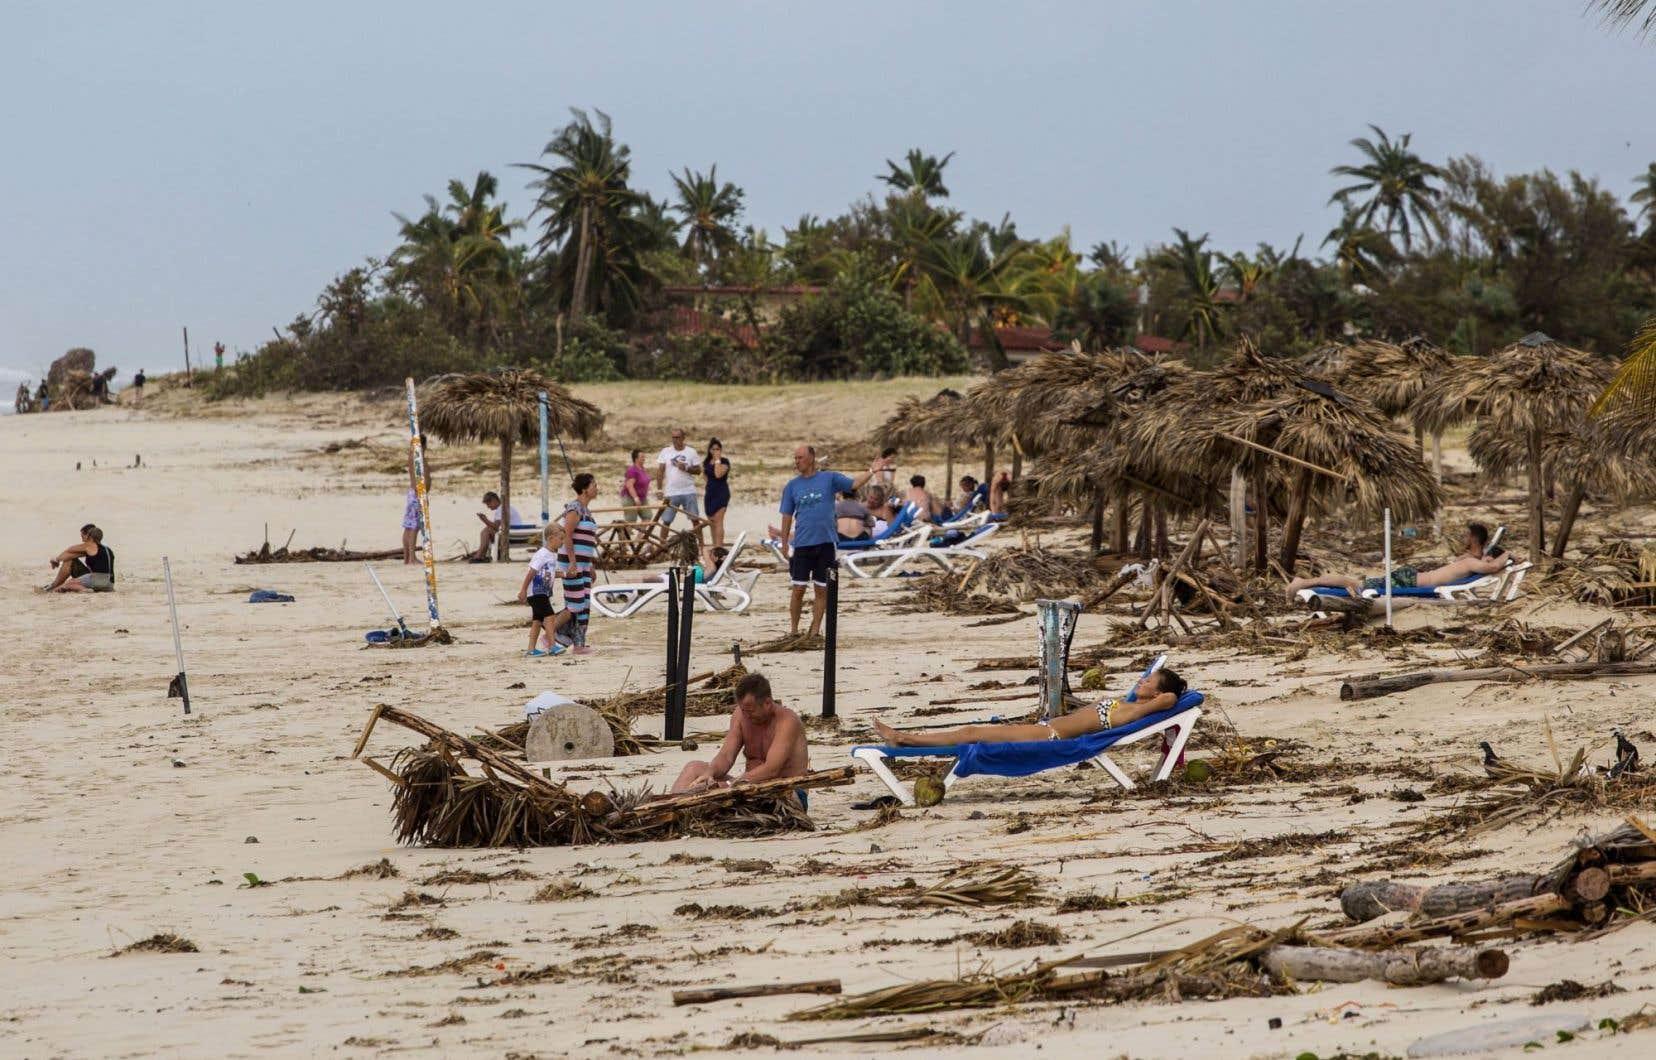 Des touristes se prélassent sur la plage après le passage de l'ouragan «Irma» à Varadero, Cuba.